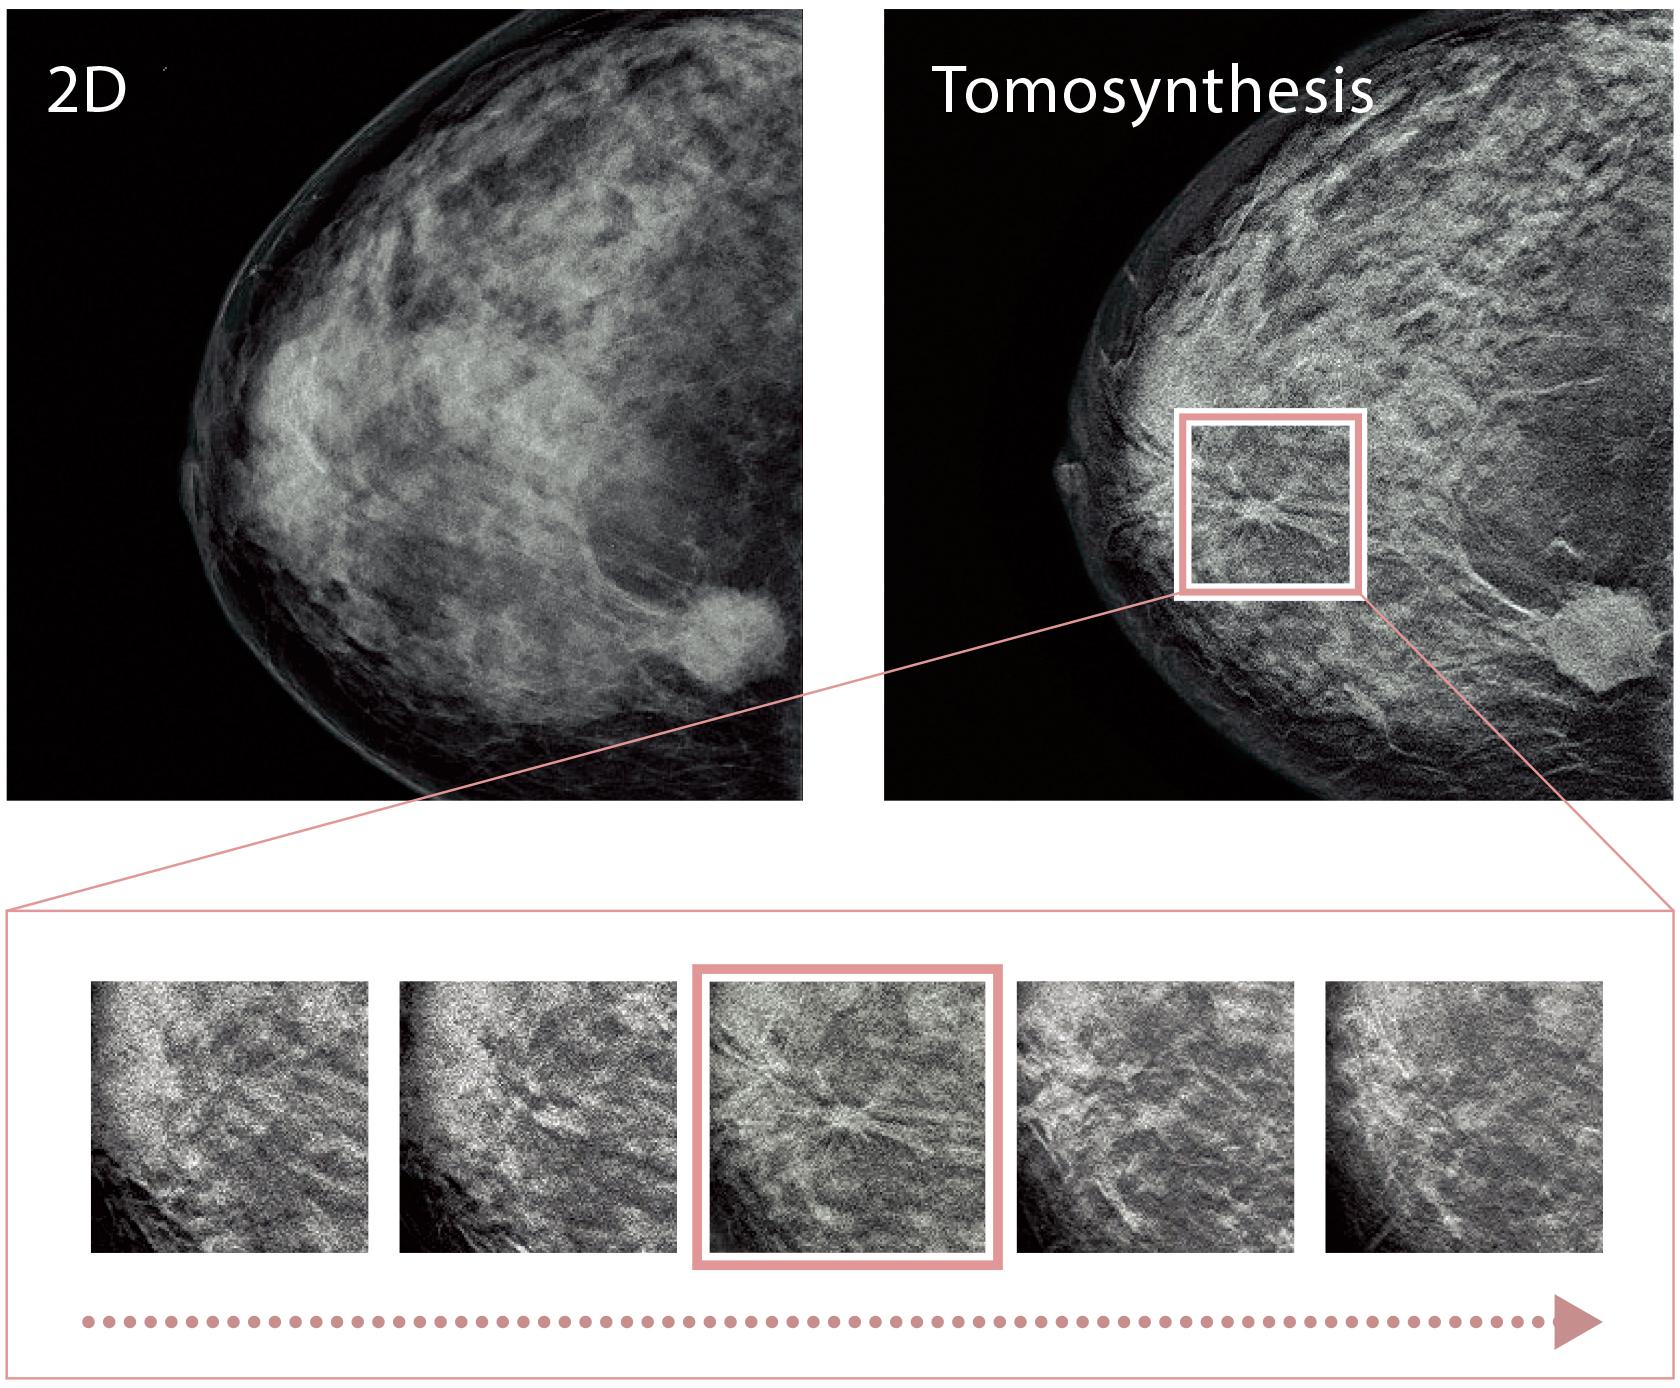 [imagen] Imagen lado a lado de una radiografía 2D y radiografía por tomosíntesis con un enfoque con borde rosado en la segunda imagen y zoom en las miniaturas